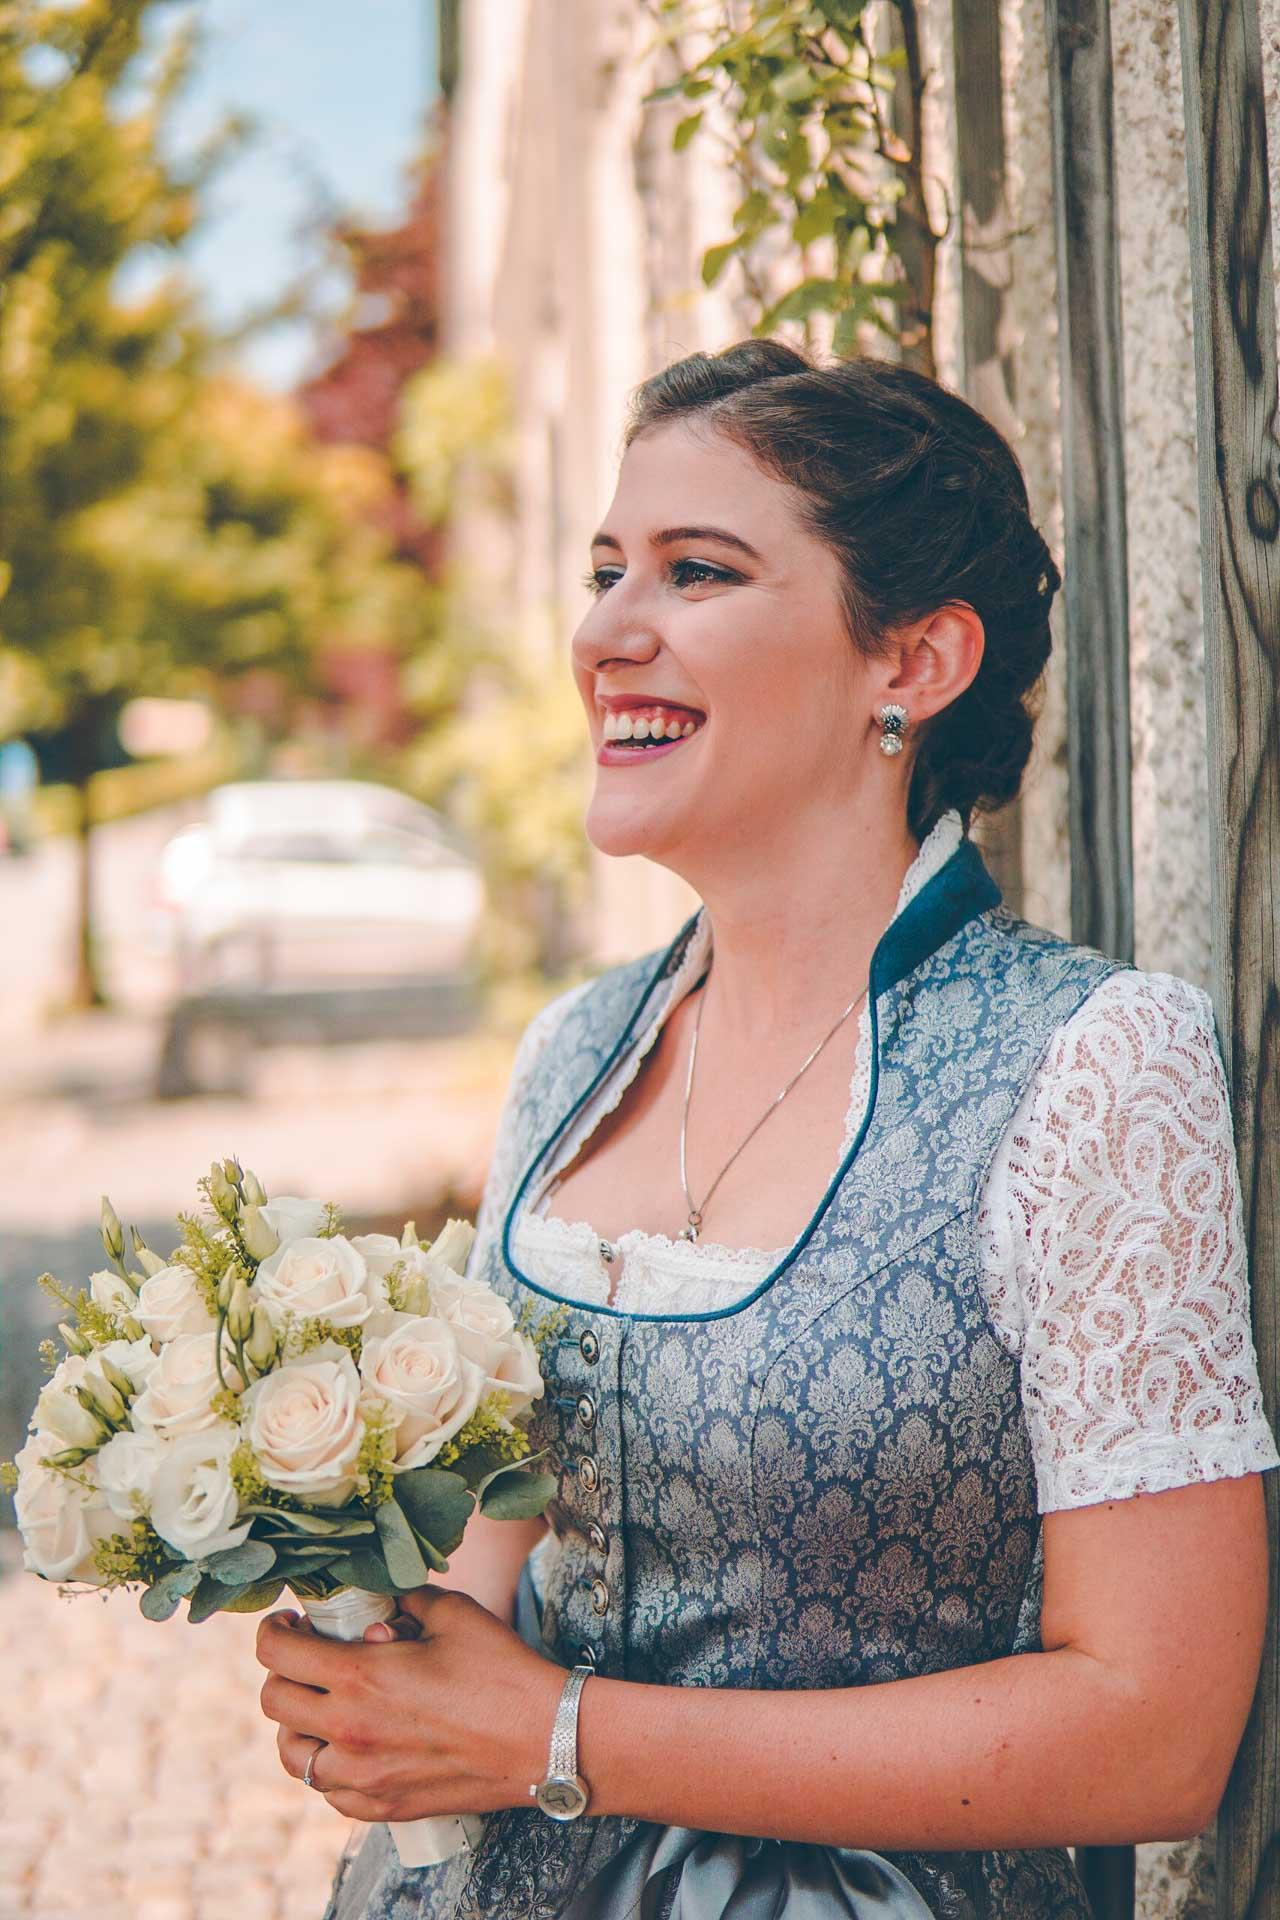 Die Braut in Tracht